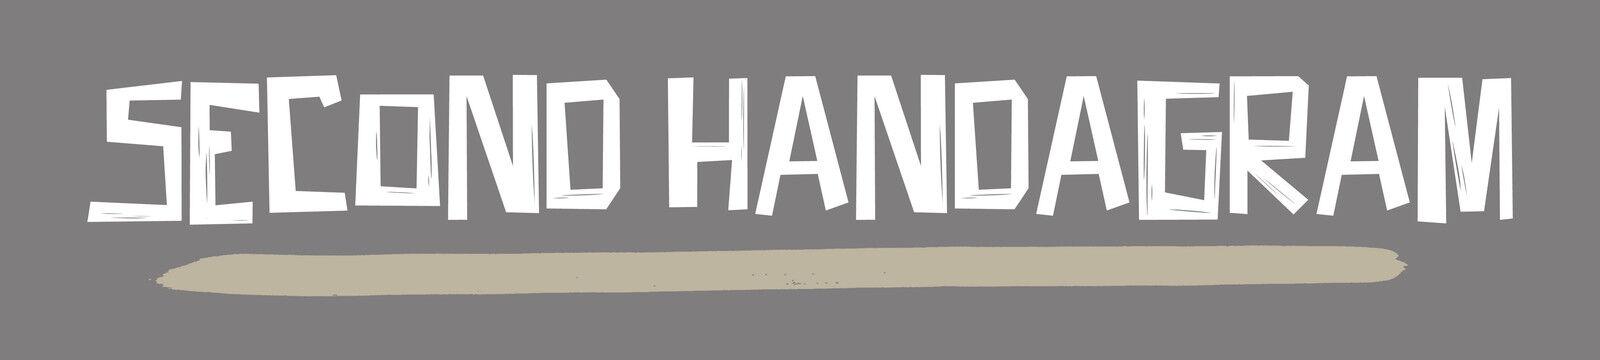 second_handagram